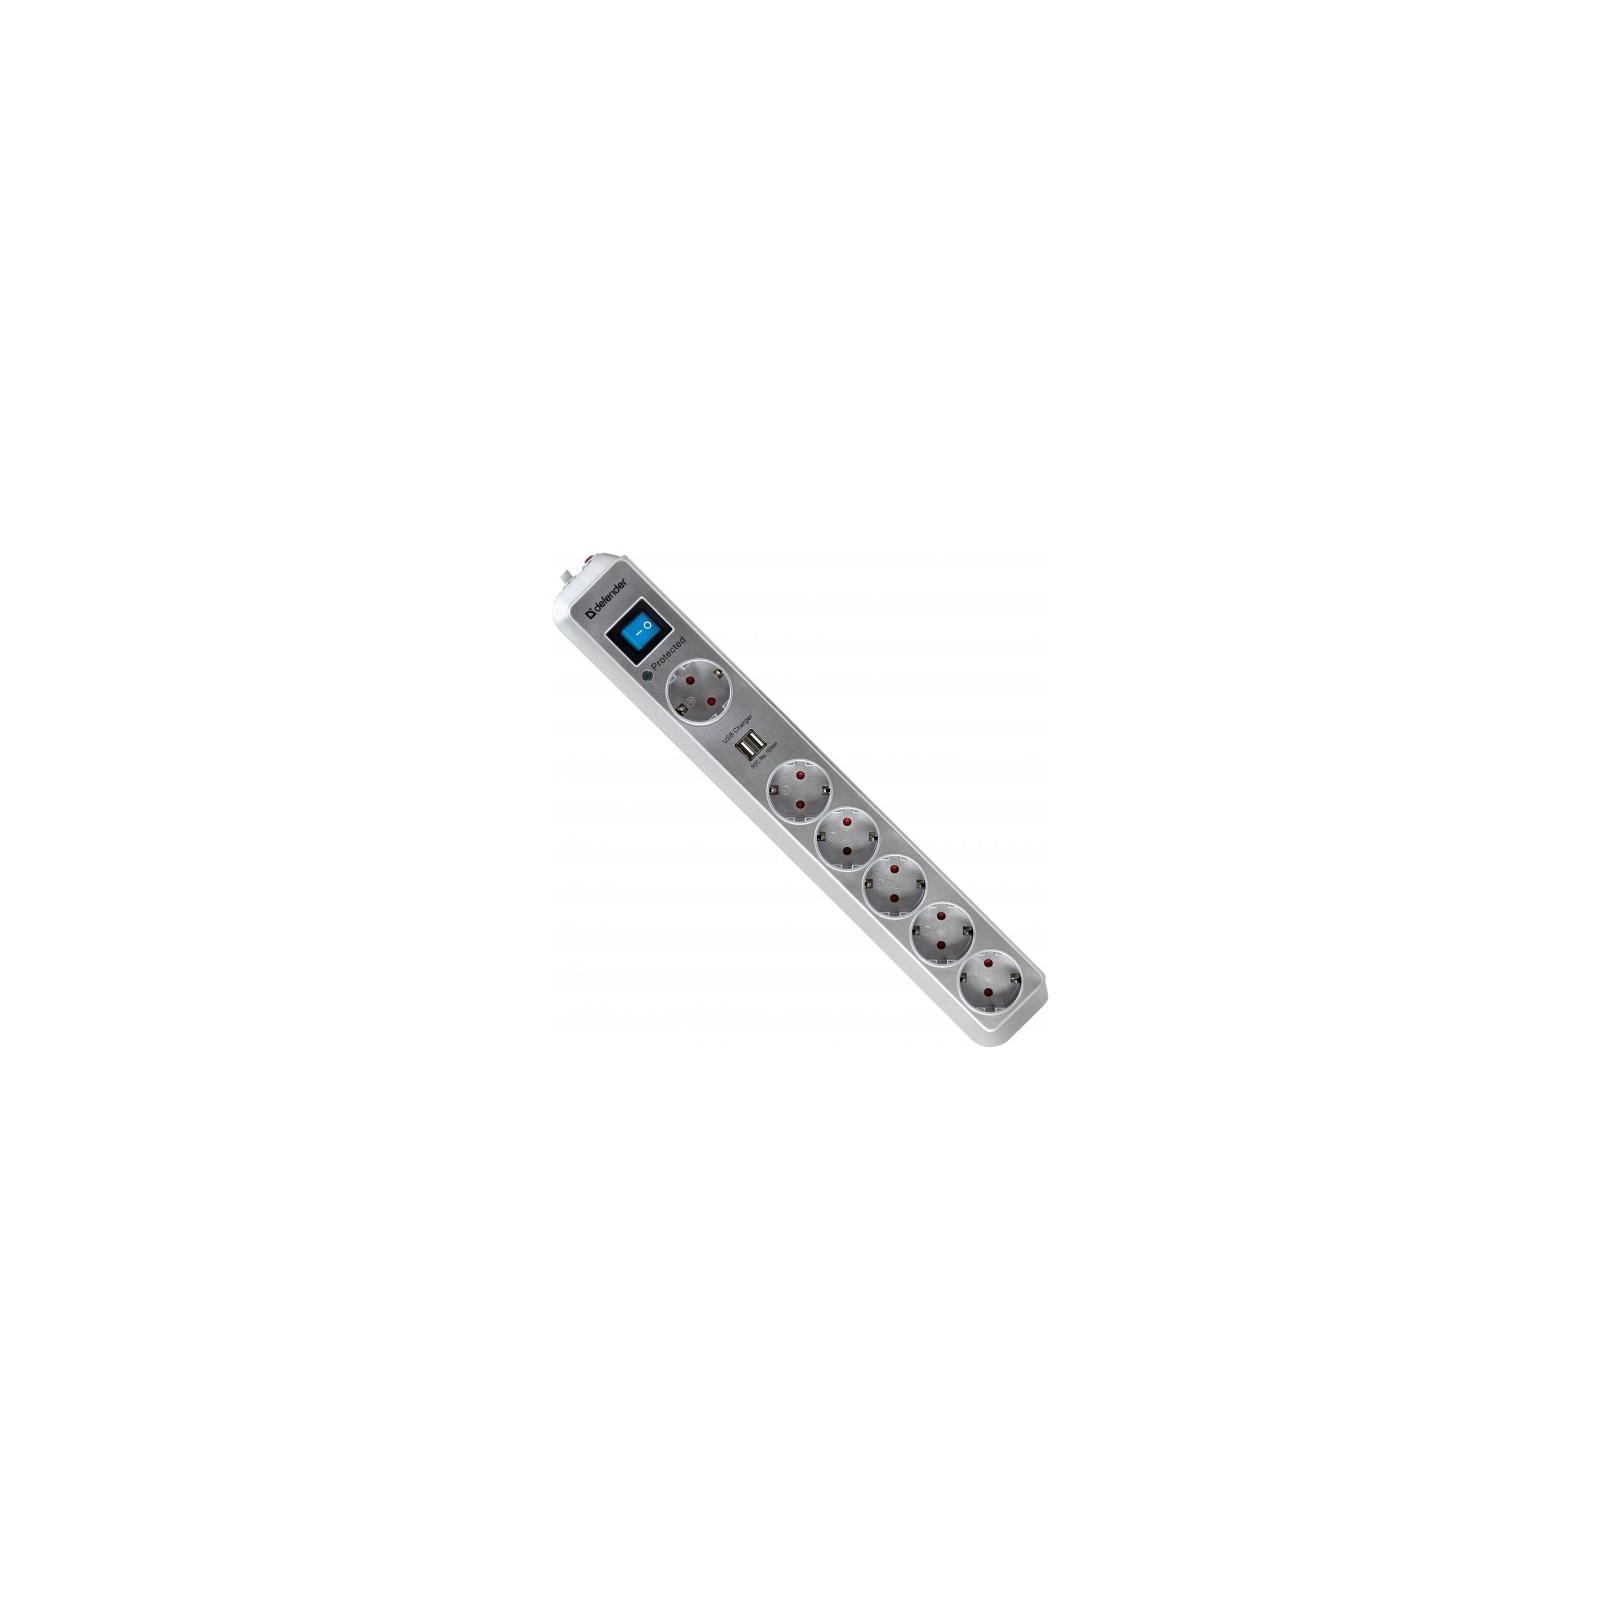 Сетевой фильтр питания Defender DEFENDER DFS 505 5m 6 роз. 2 USB порта (99055)